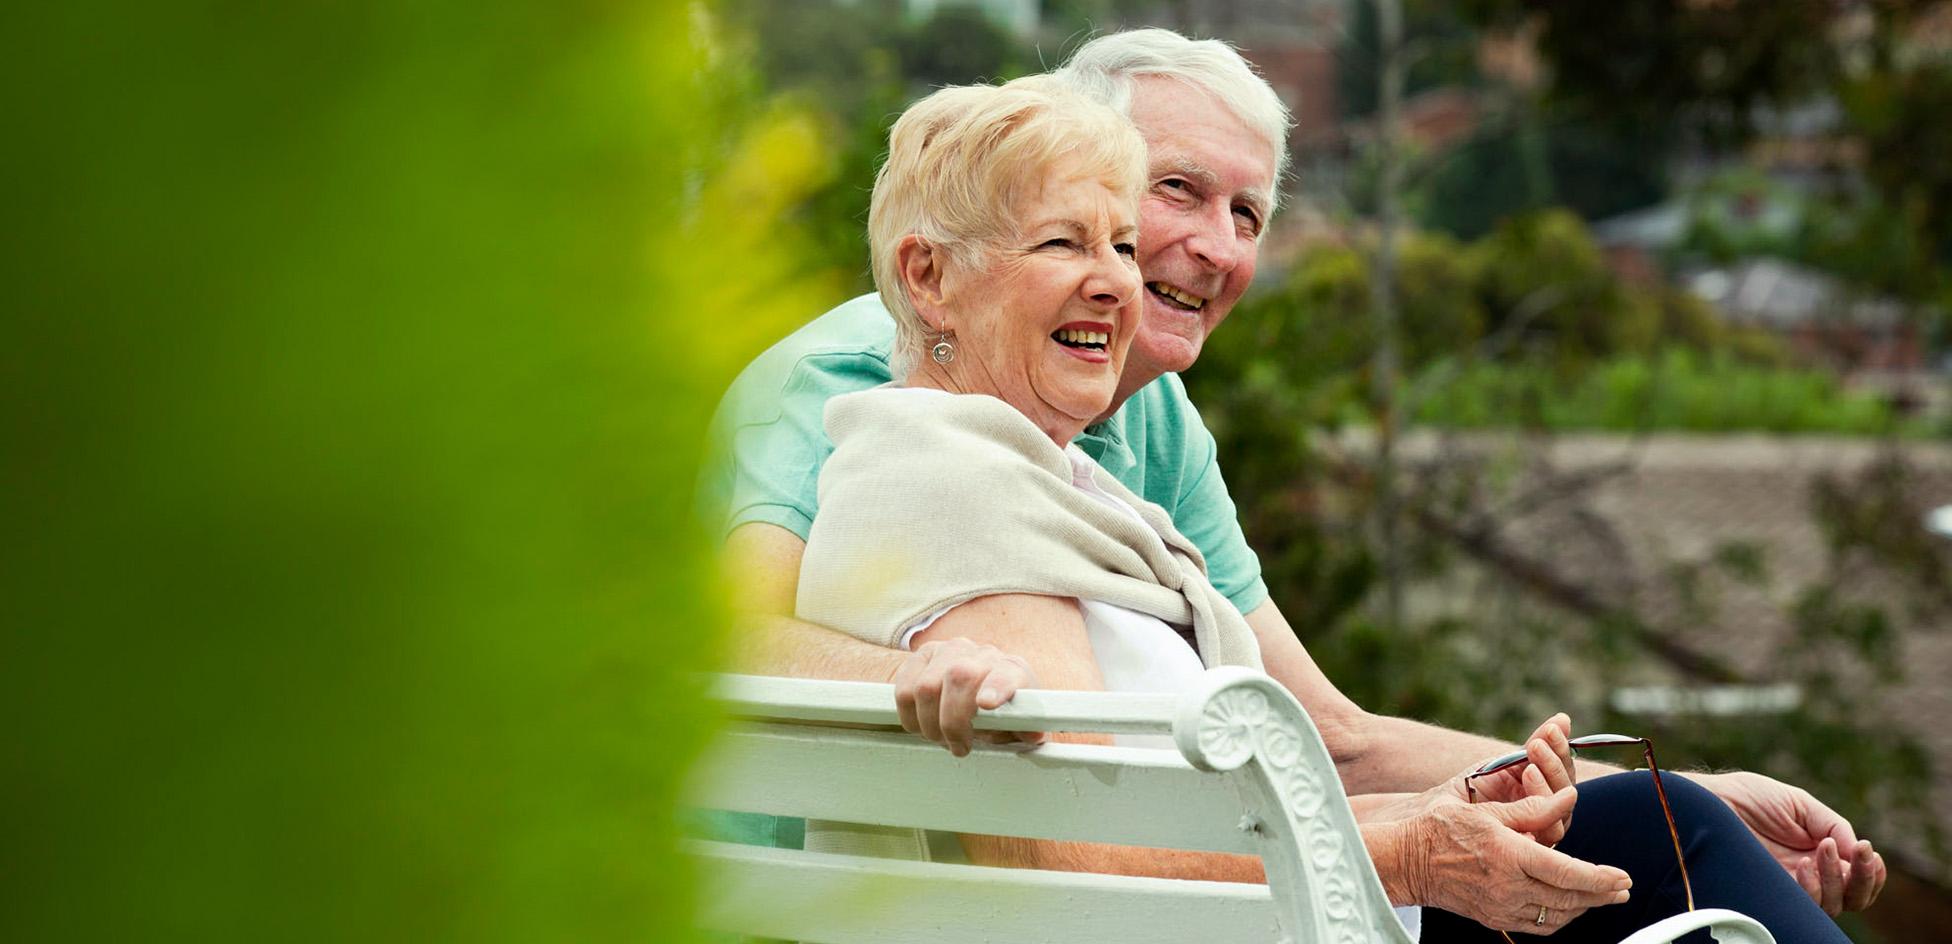 Cv Retirementliving Carousel 05